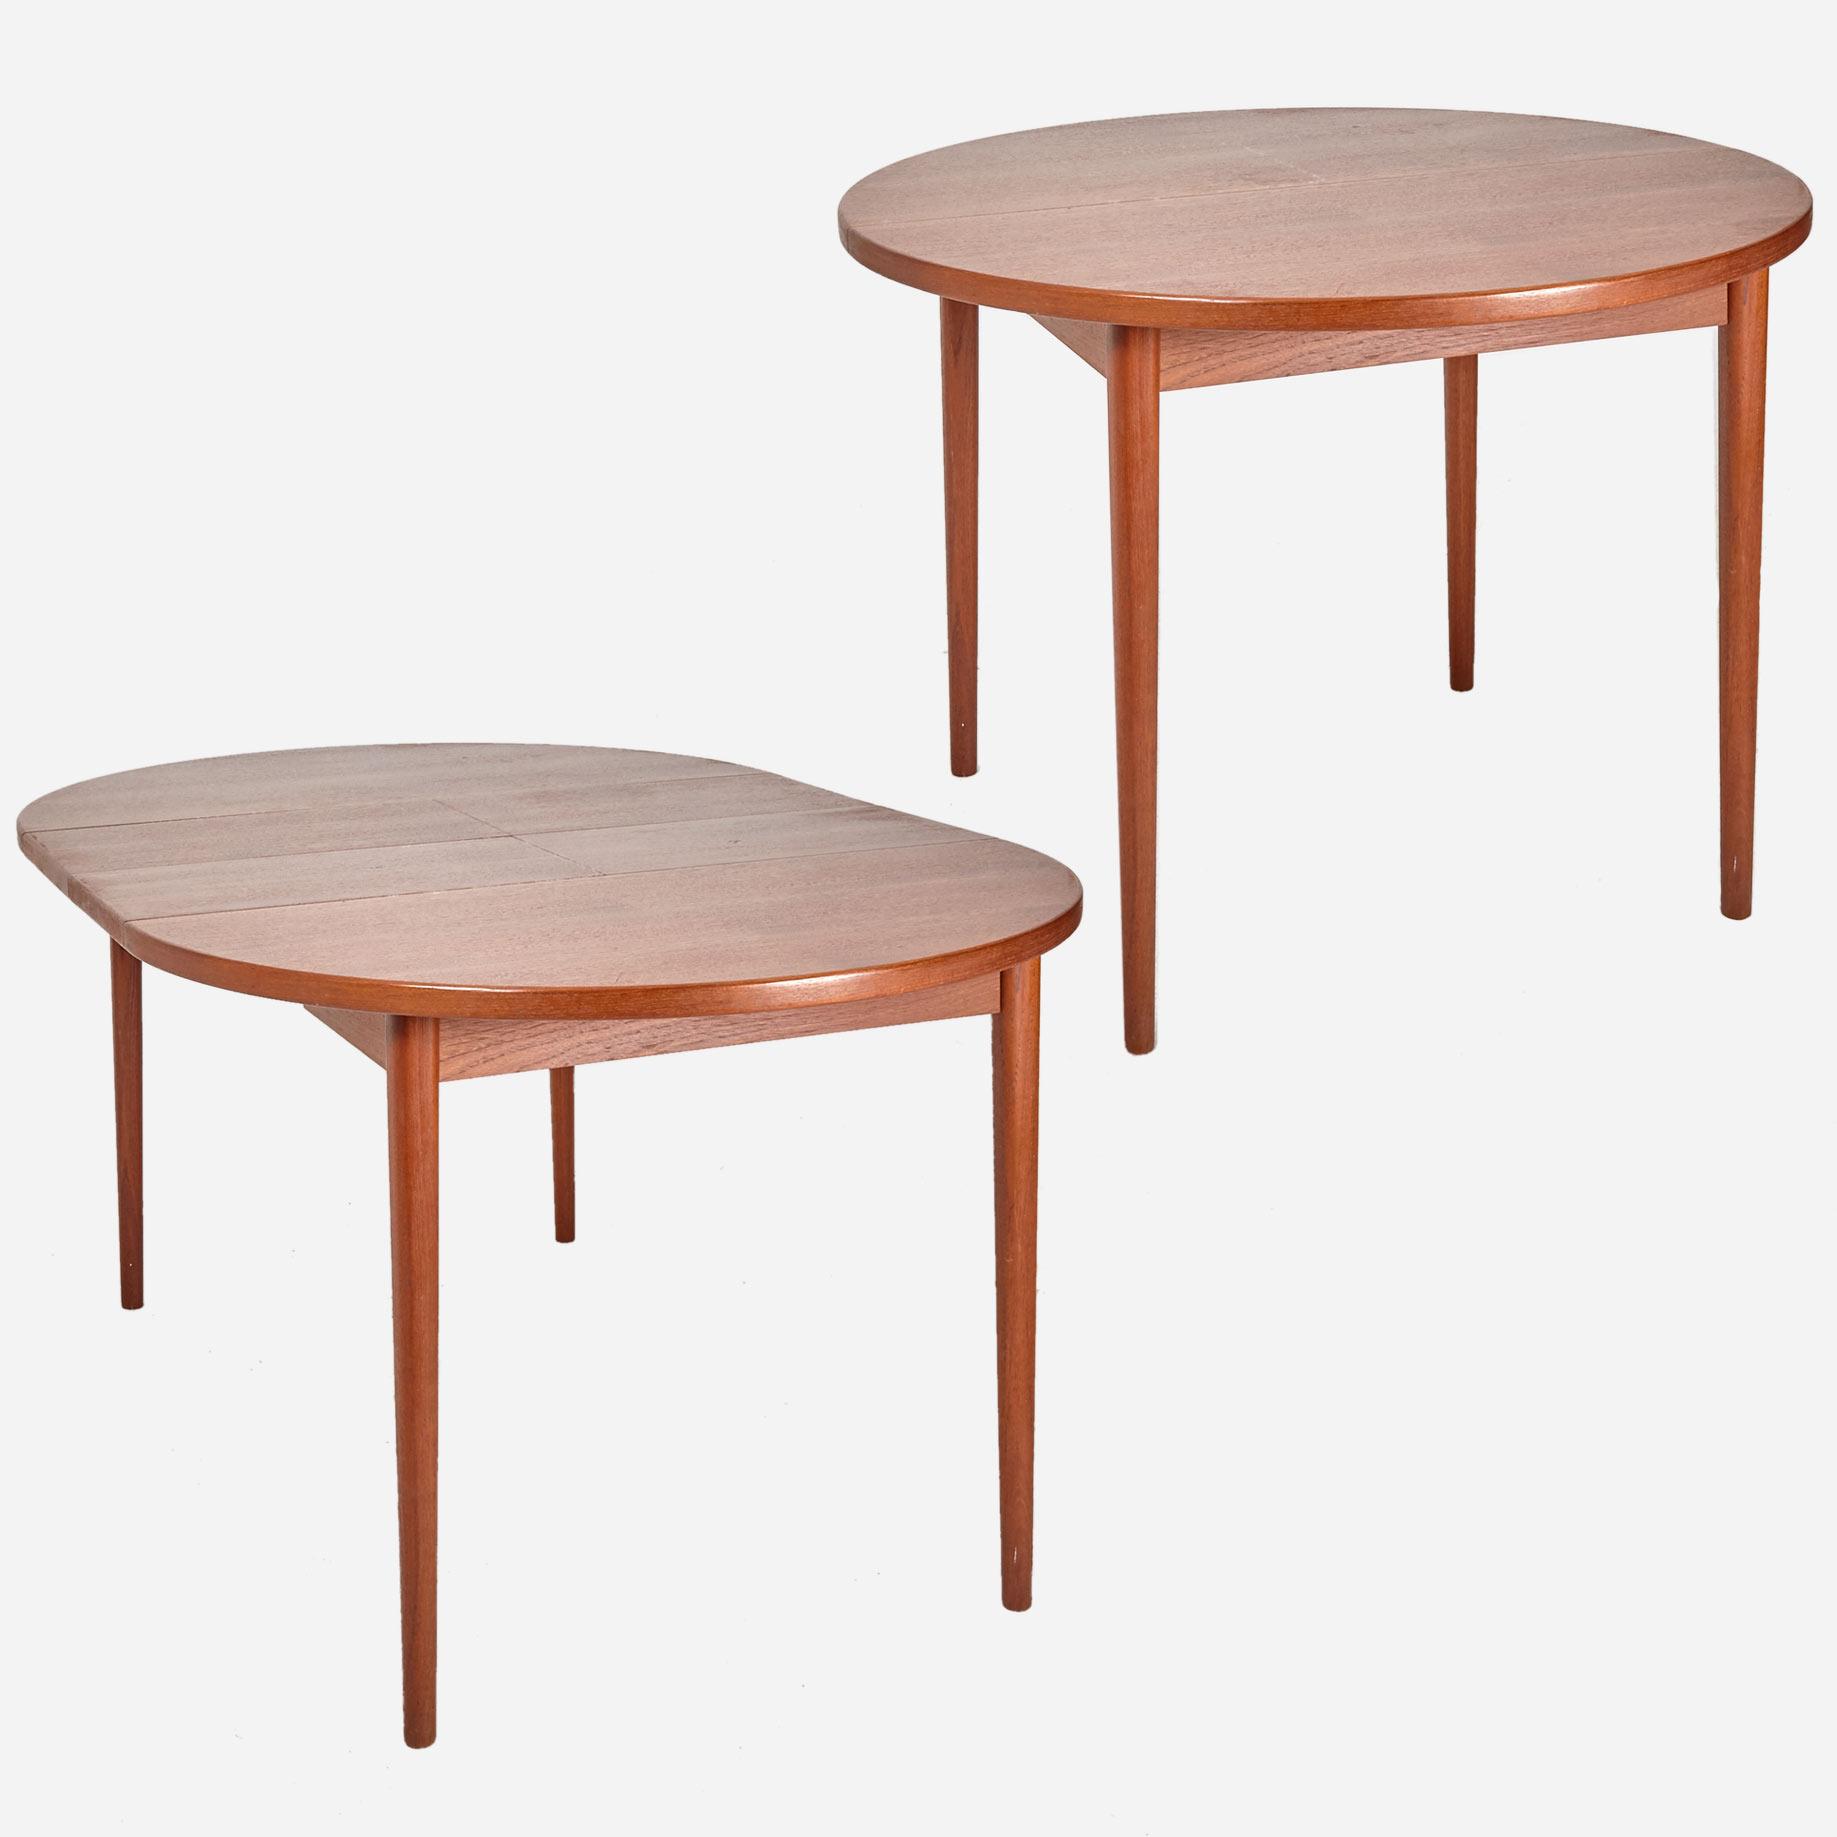 teaktisch mit auszug troeds bjarnum sweden m bel z rich vintagem bel. Black Bedroom Furniture Sets. Home Design Ideas